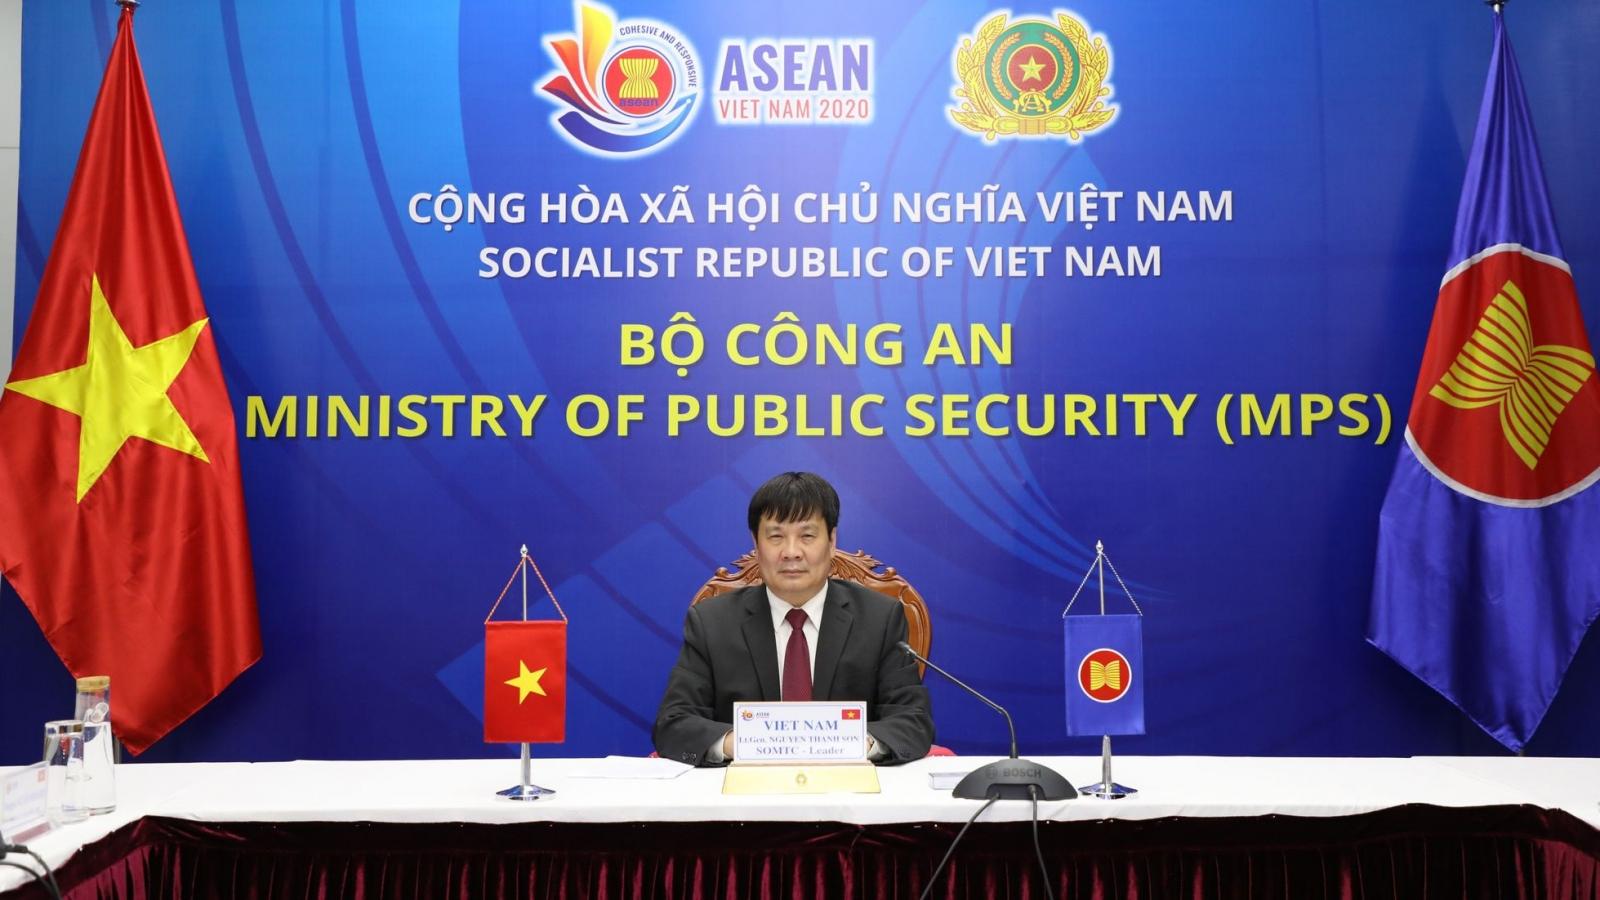 Đẩy mạnh hợp tác phòng chống tội phạm xuyên quốc gia trong ASEAN